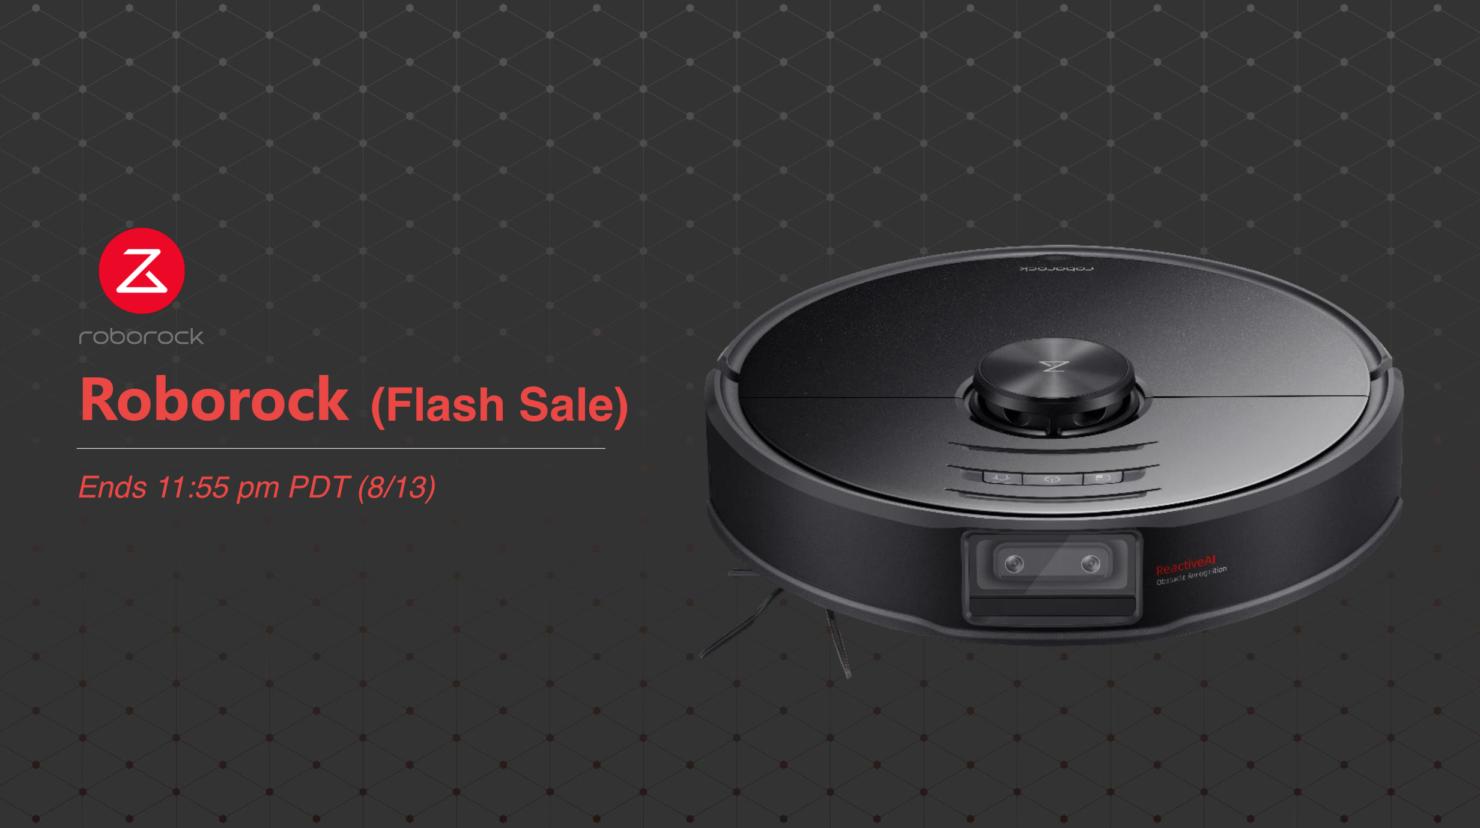 roborock flash sale